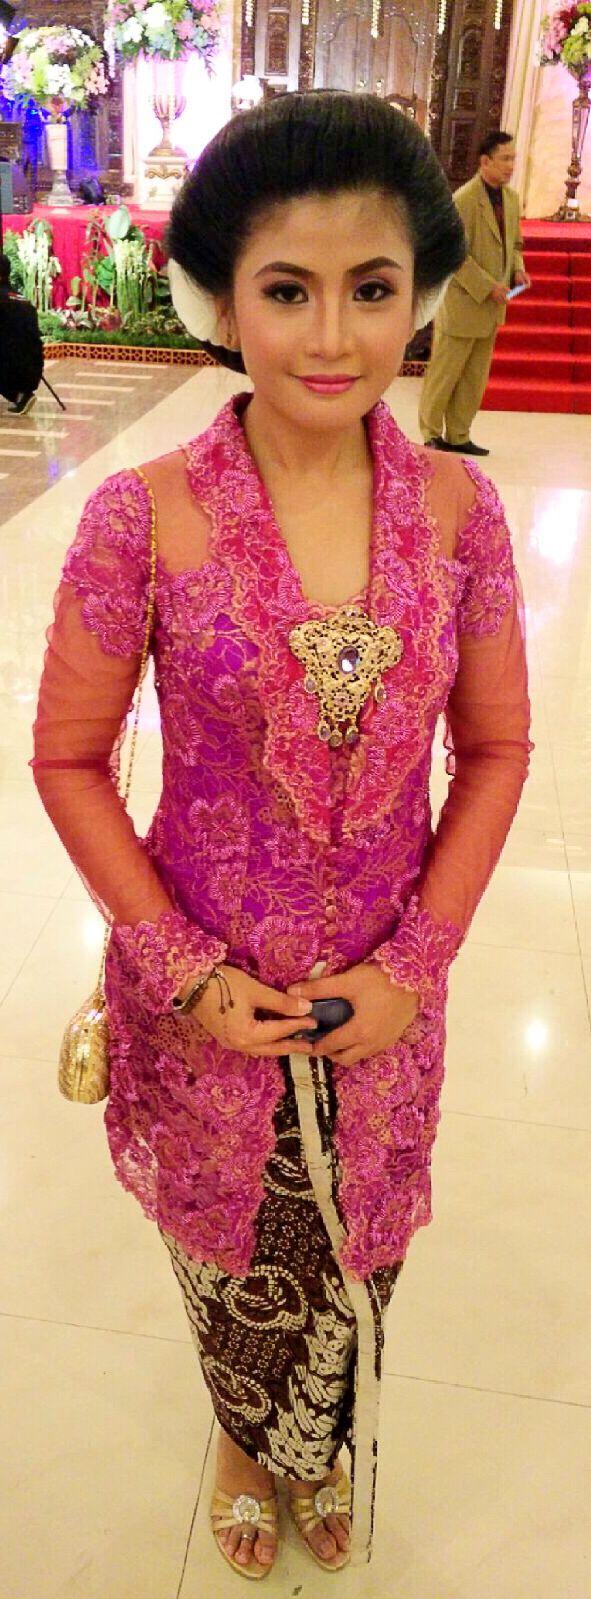 Javanesse wedding Kebaya